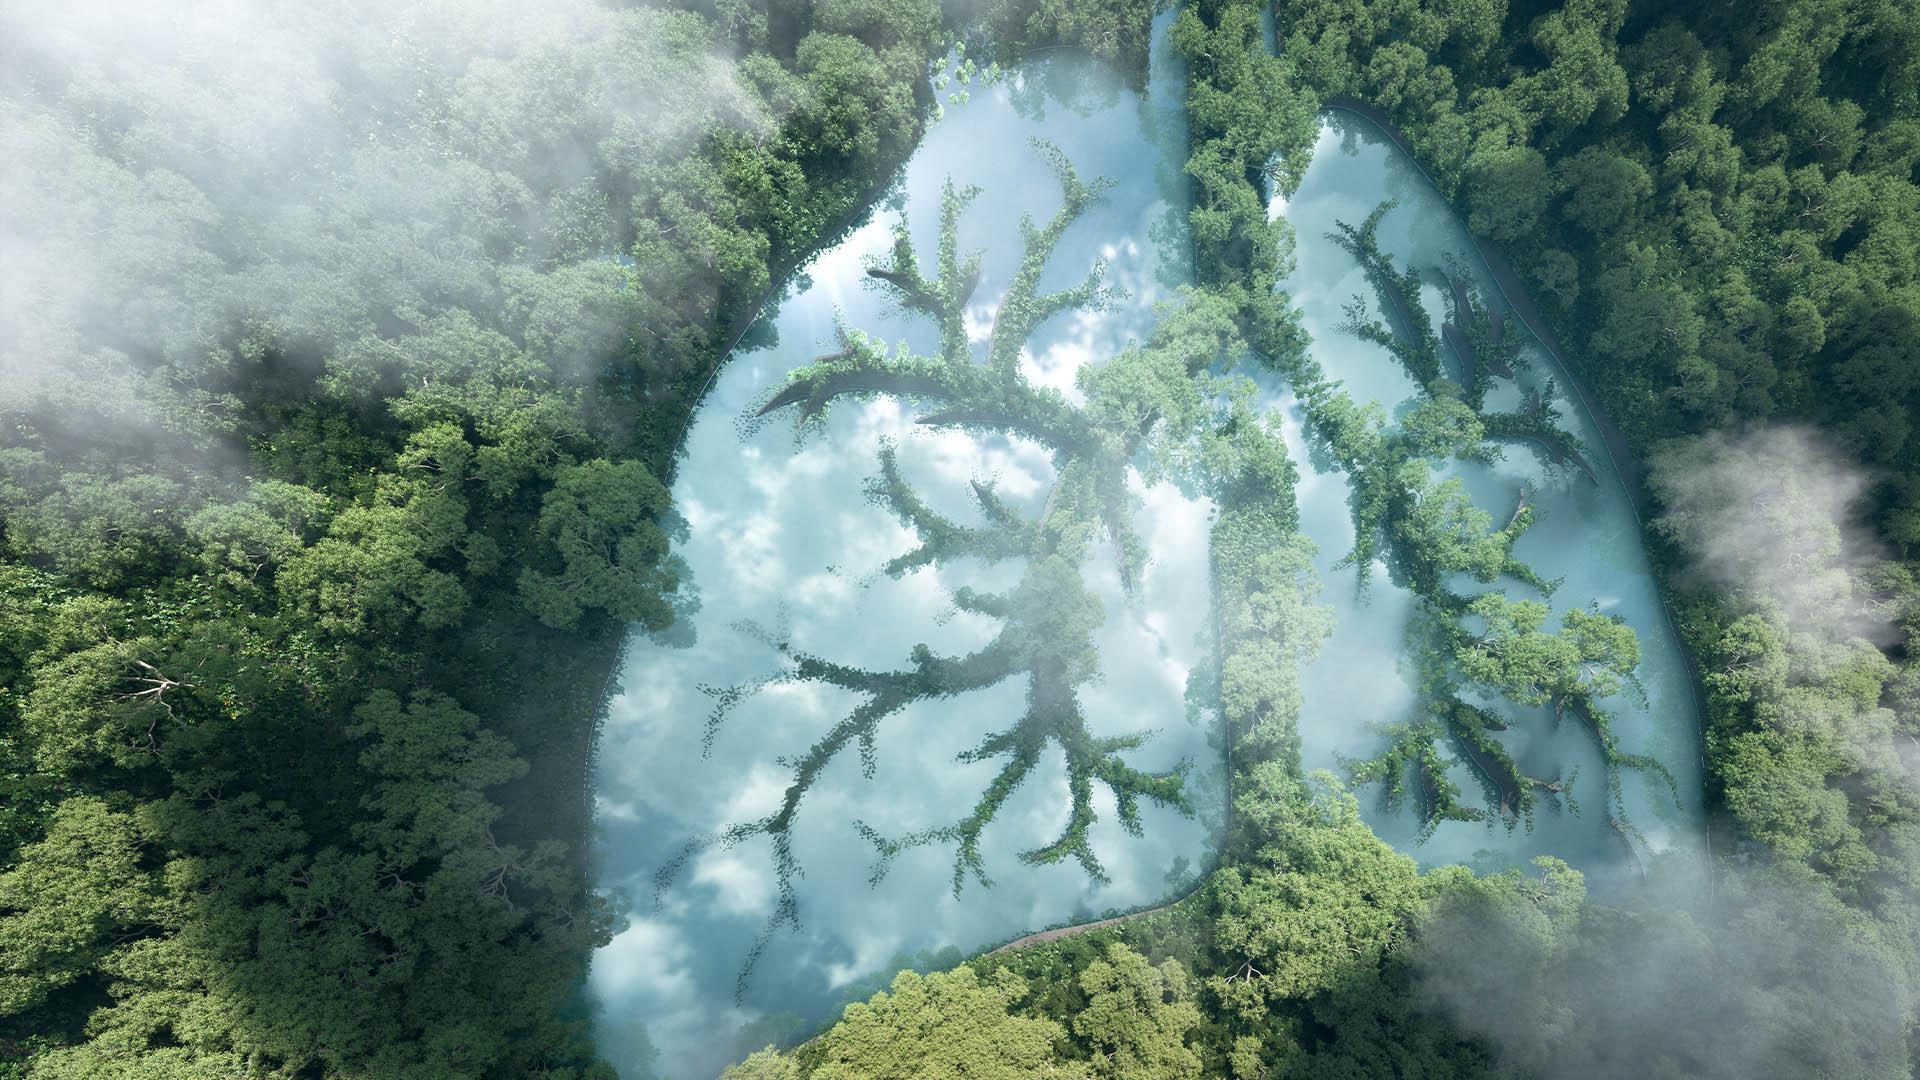 Foresta amazzonica vista dall'alto con effetto grafico